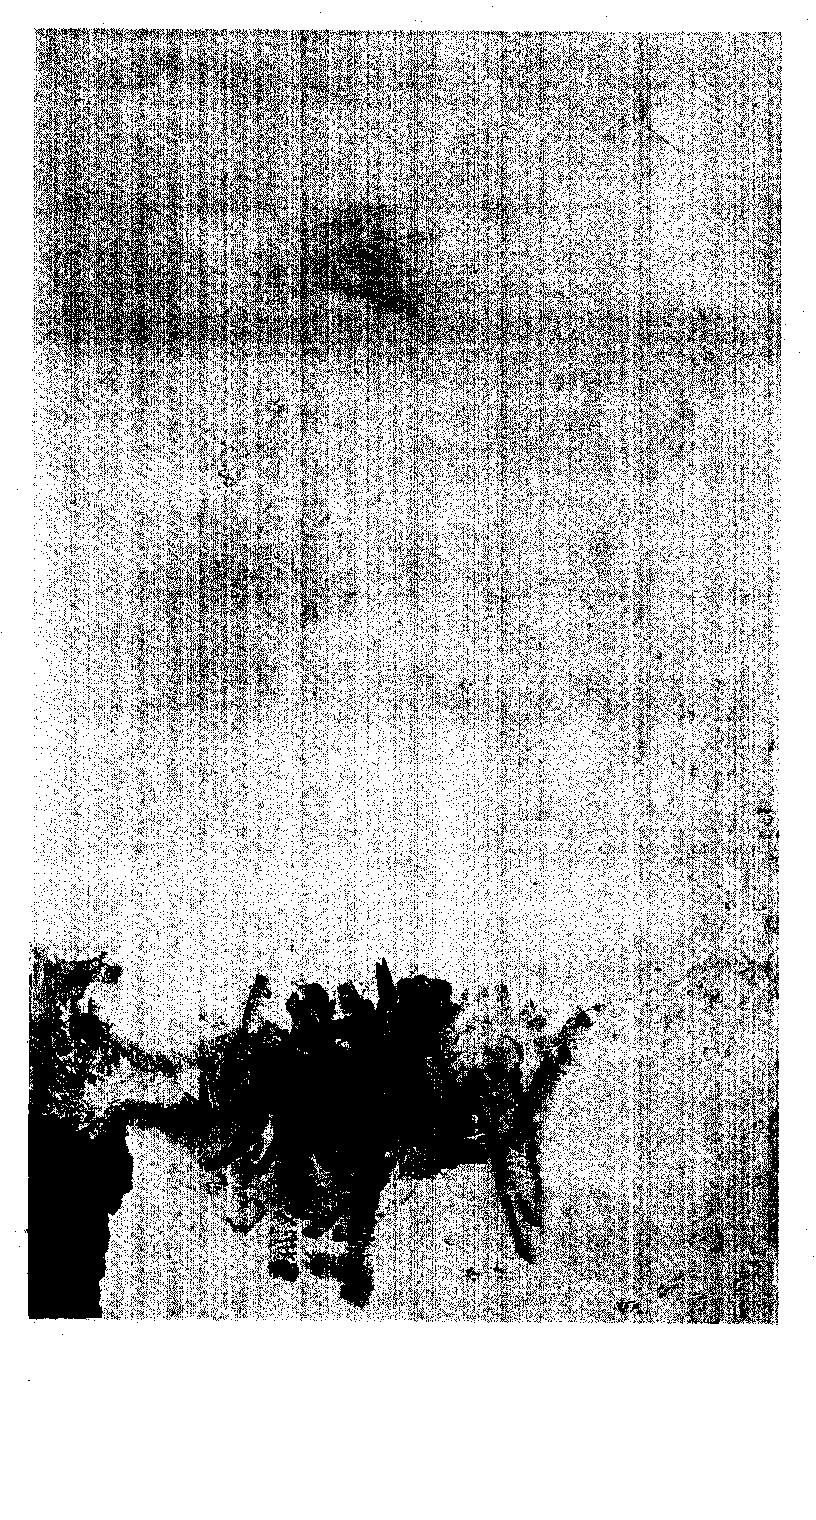 04548.014.002- pag.1